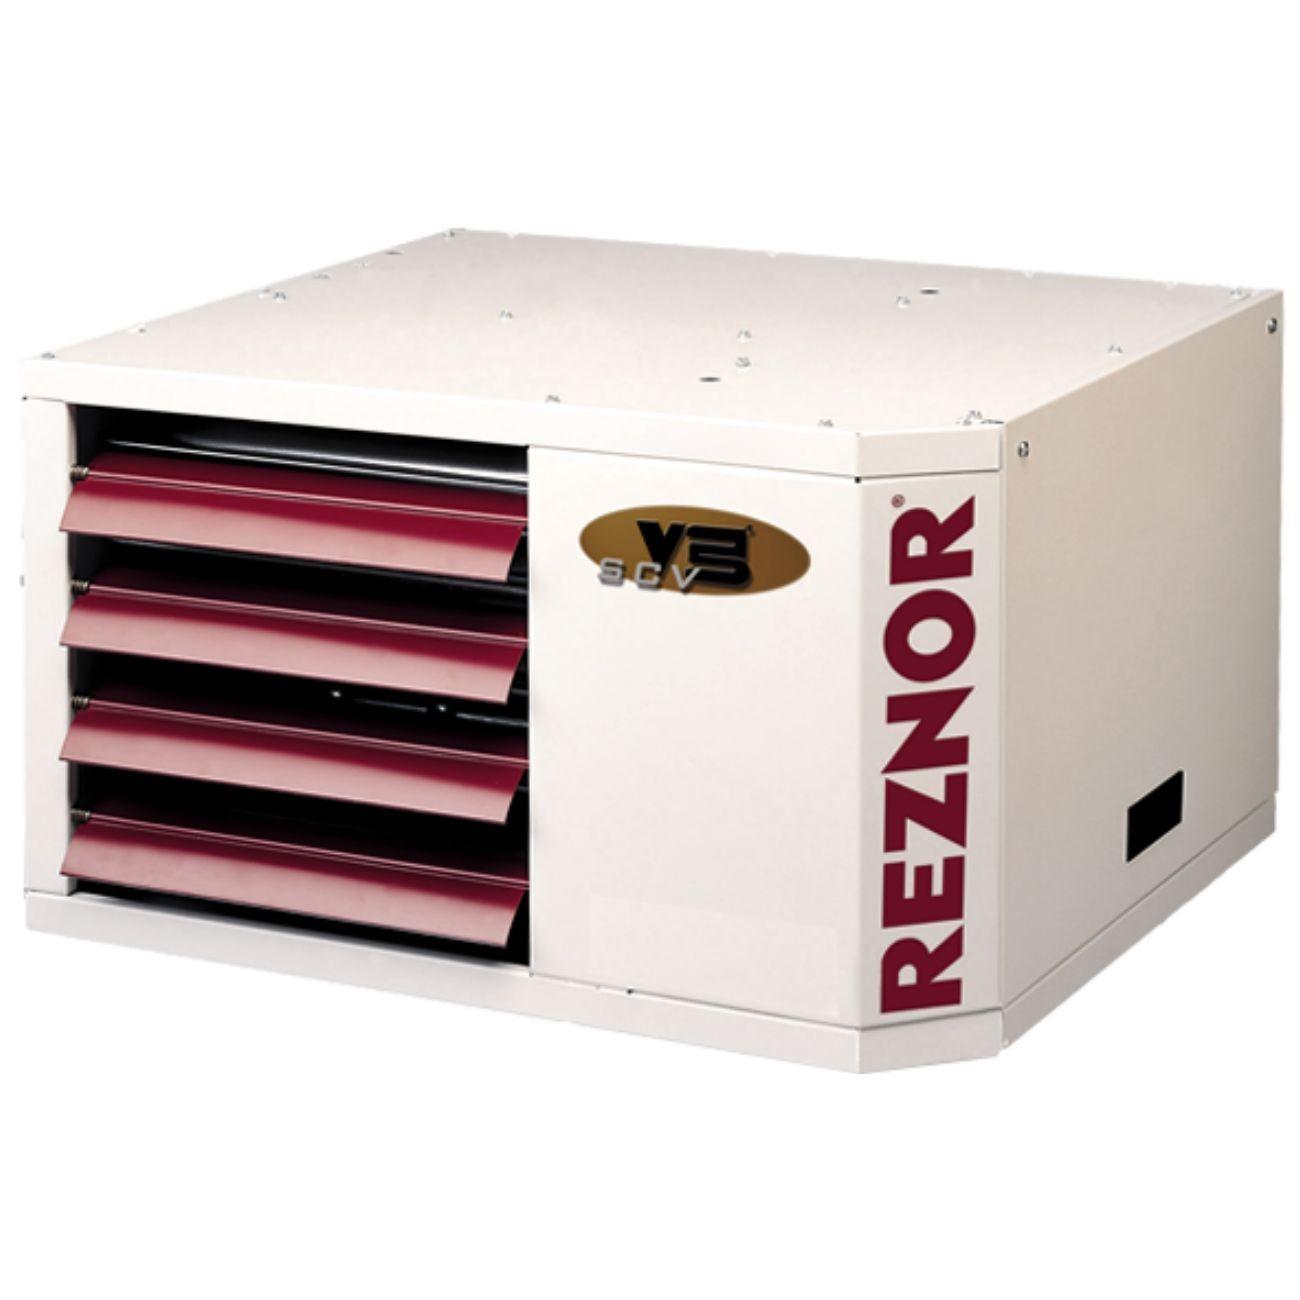 Reznor - UDAS100 V3 Series Gas-Fired Unit Heater 100000 Btu